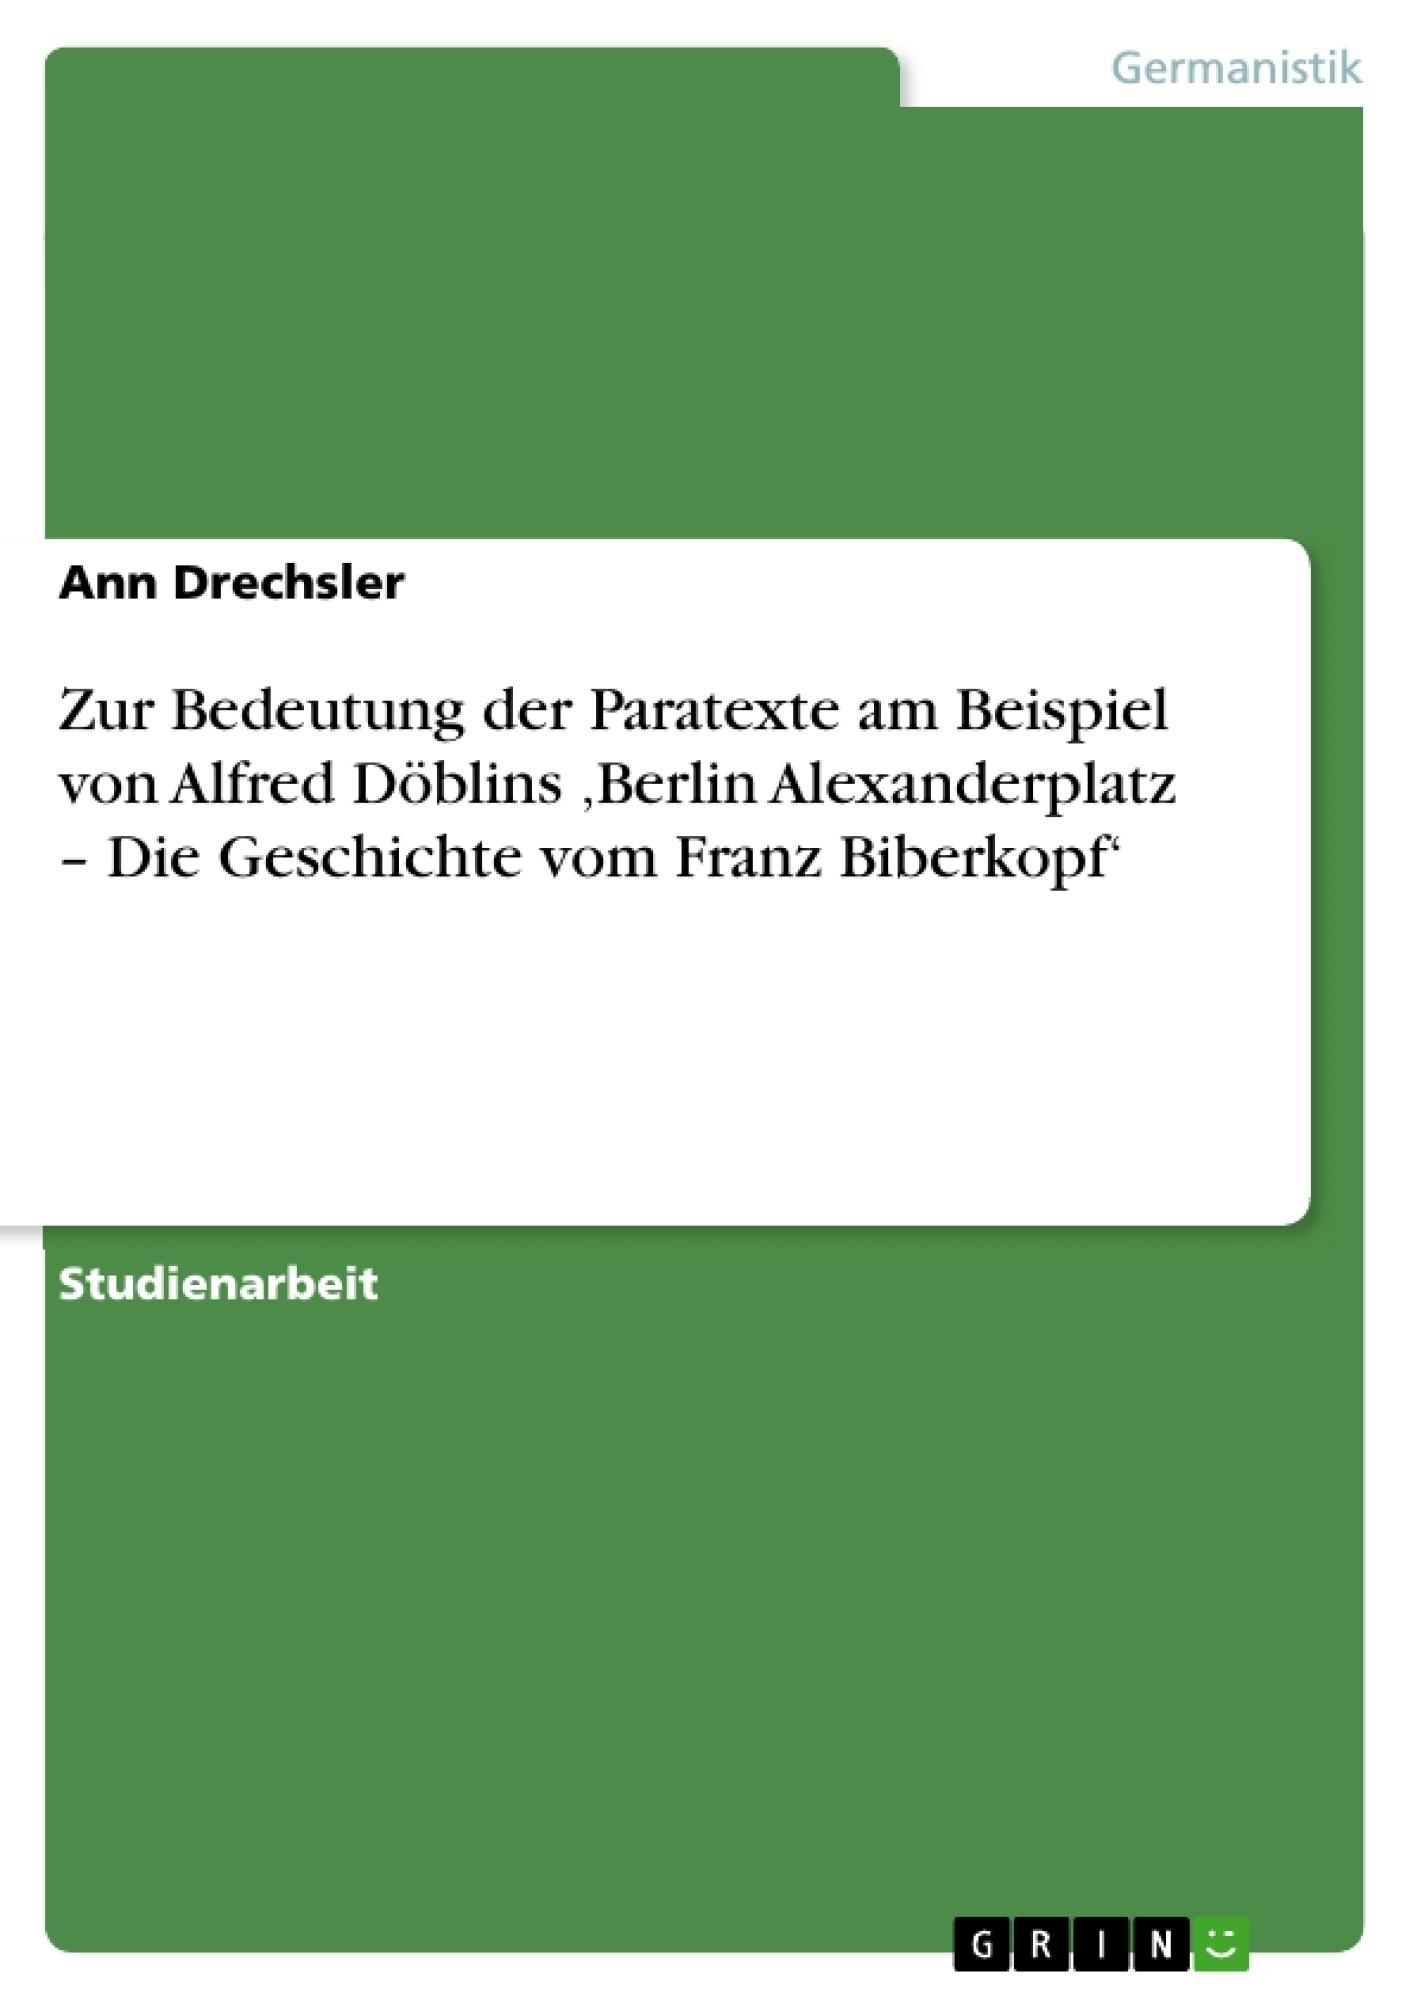 Titel: Zur Bedeutung der Paratexte am Beispiel von Alfred Döblins 'Berlin Alexanderplatz – Die Geschichte vom Franz Biberkopf'